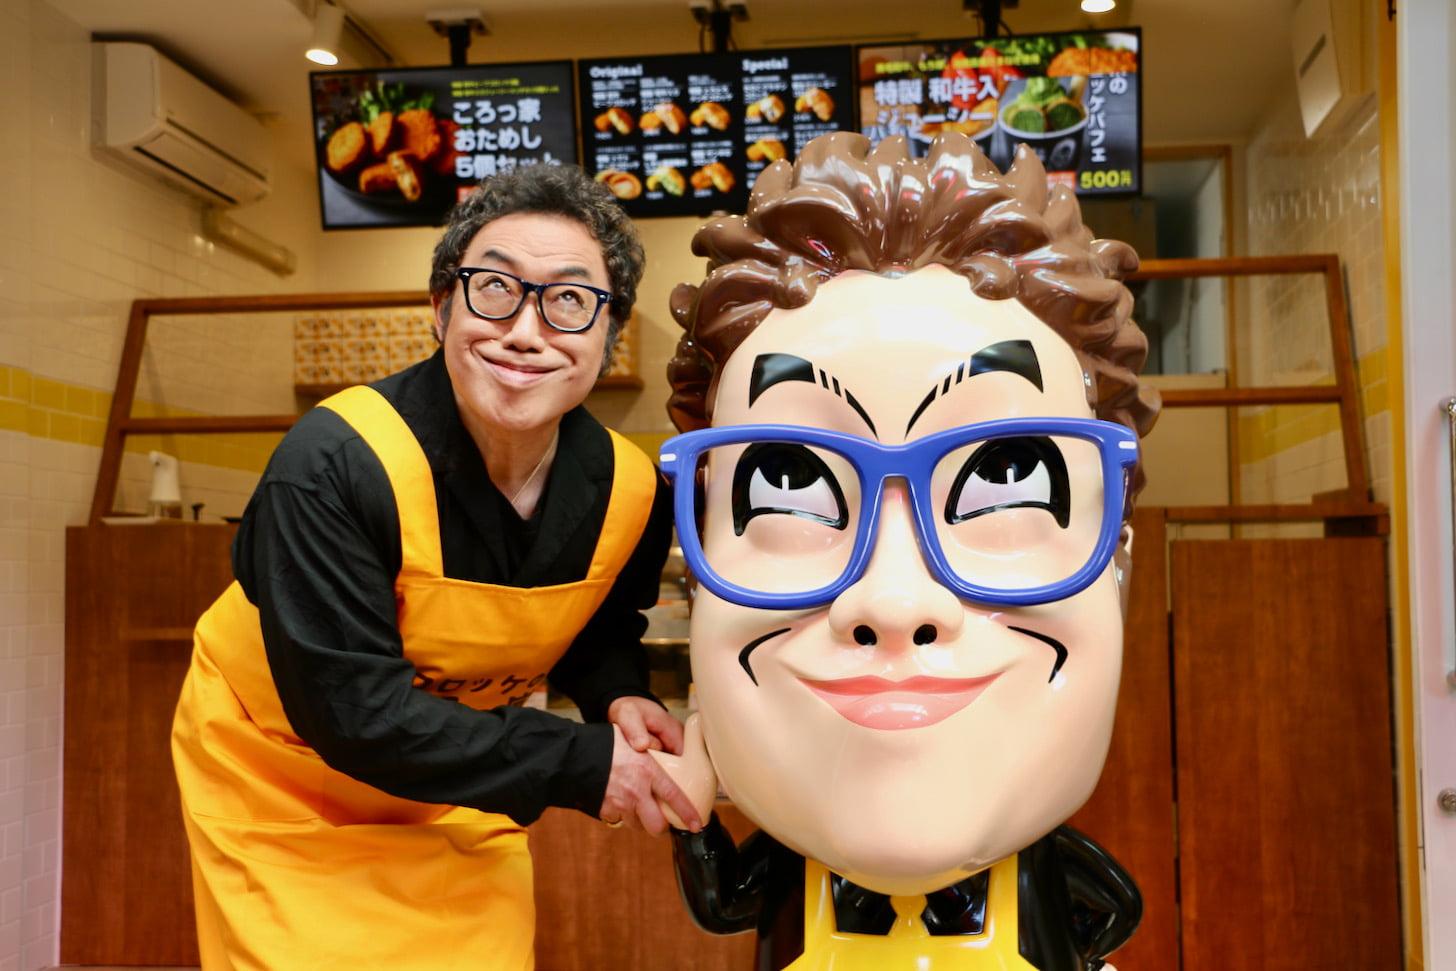 リクエストしなくてもフィギュアと同じ岩崎宏美さんの顔マネをしてくれるコロッケさん。最高です!